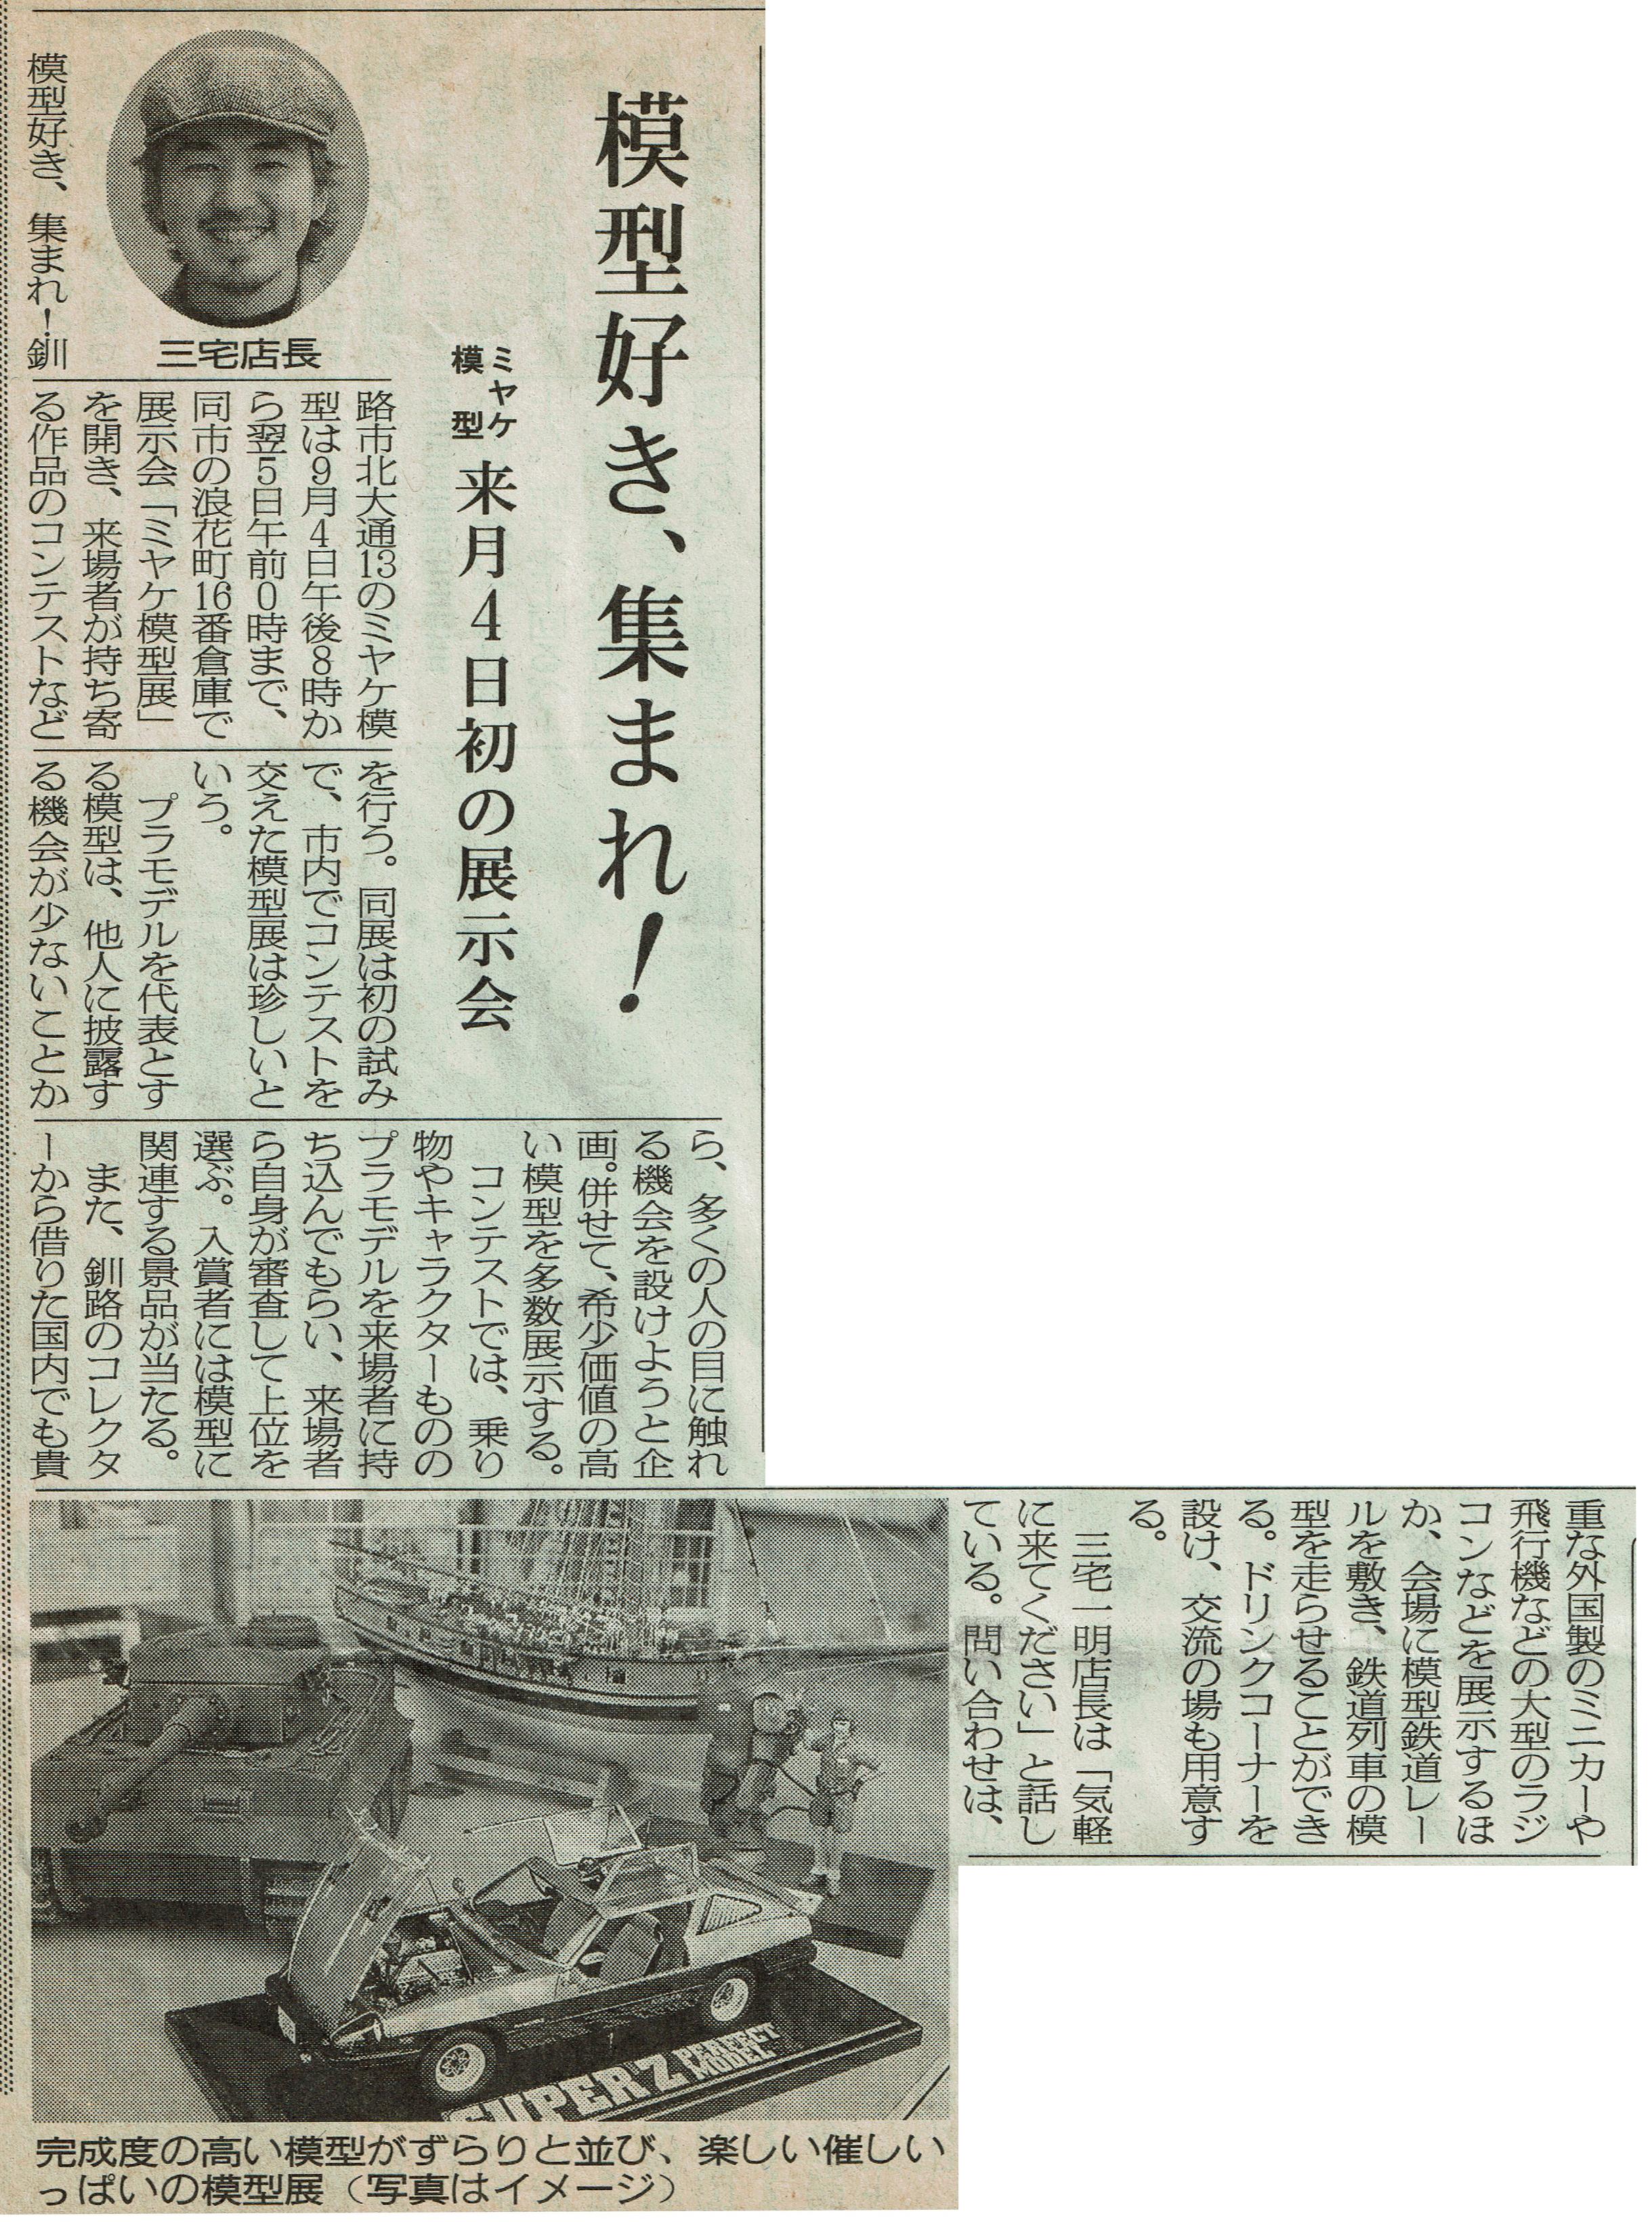 2004-8-25釧路新聞